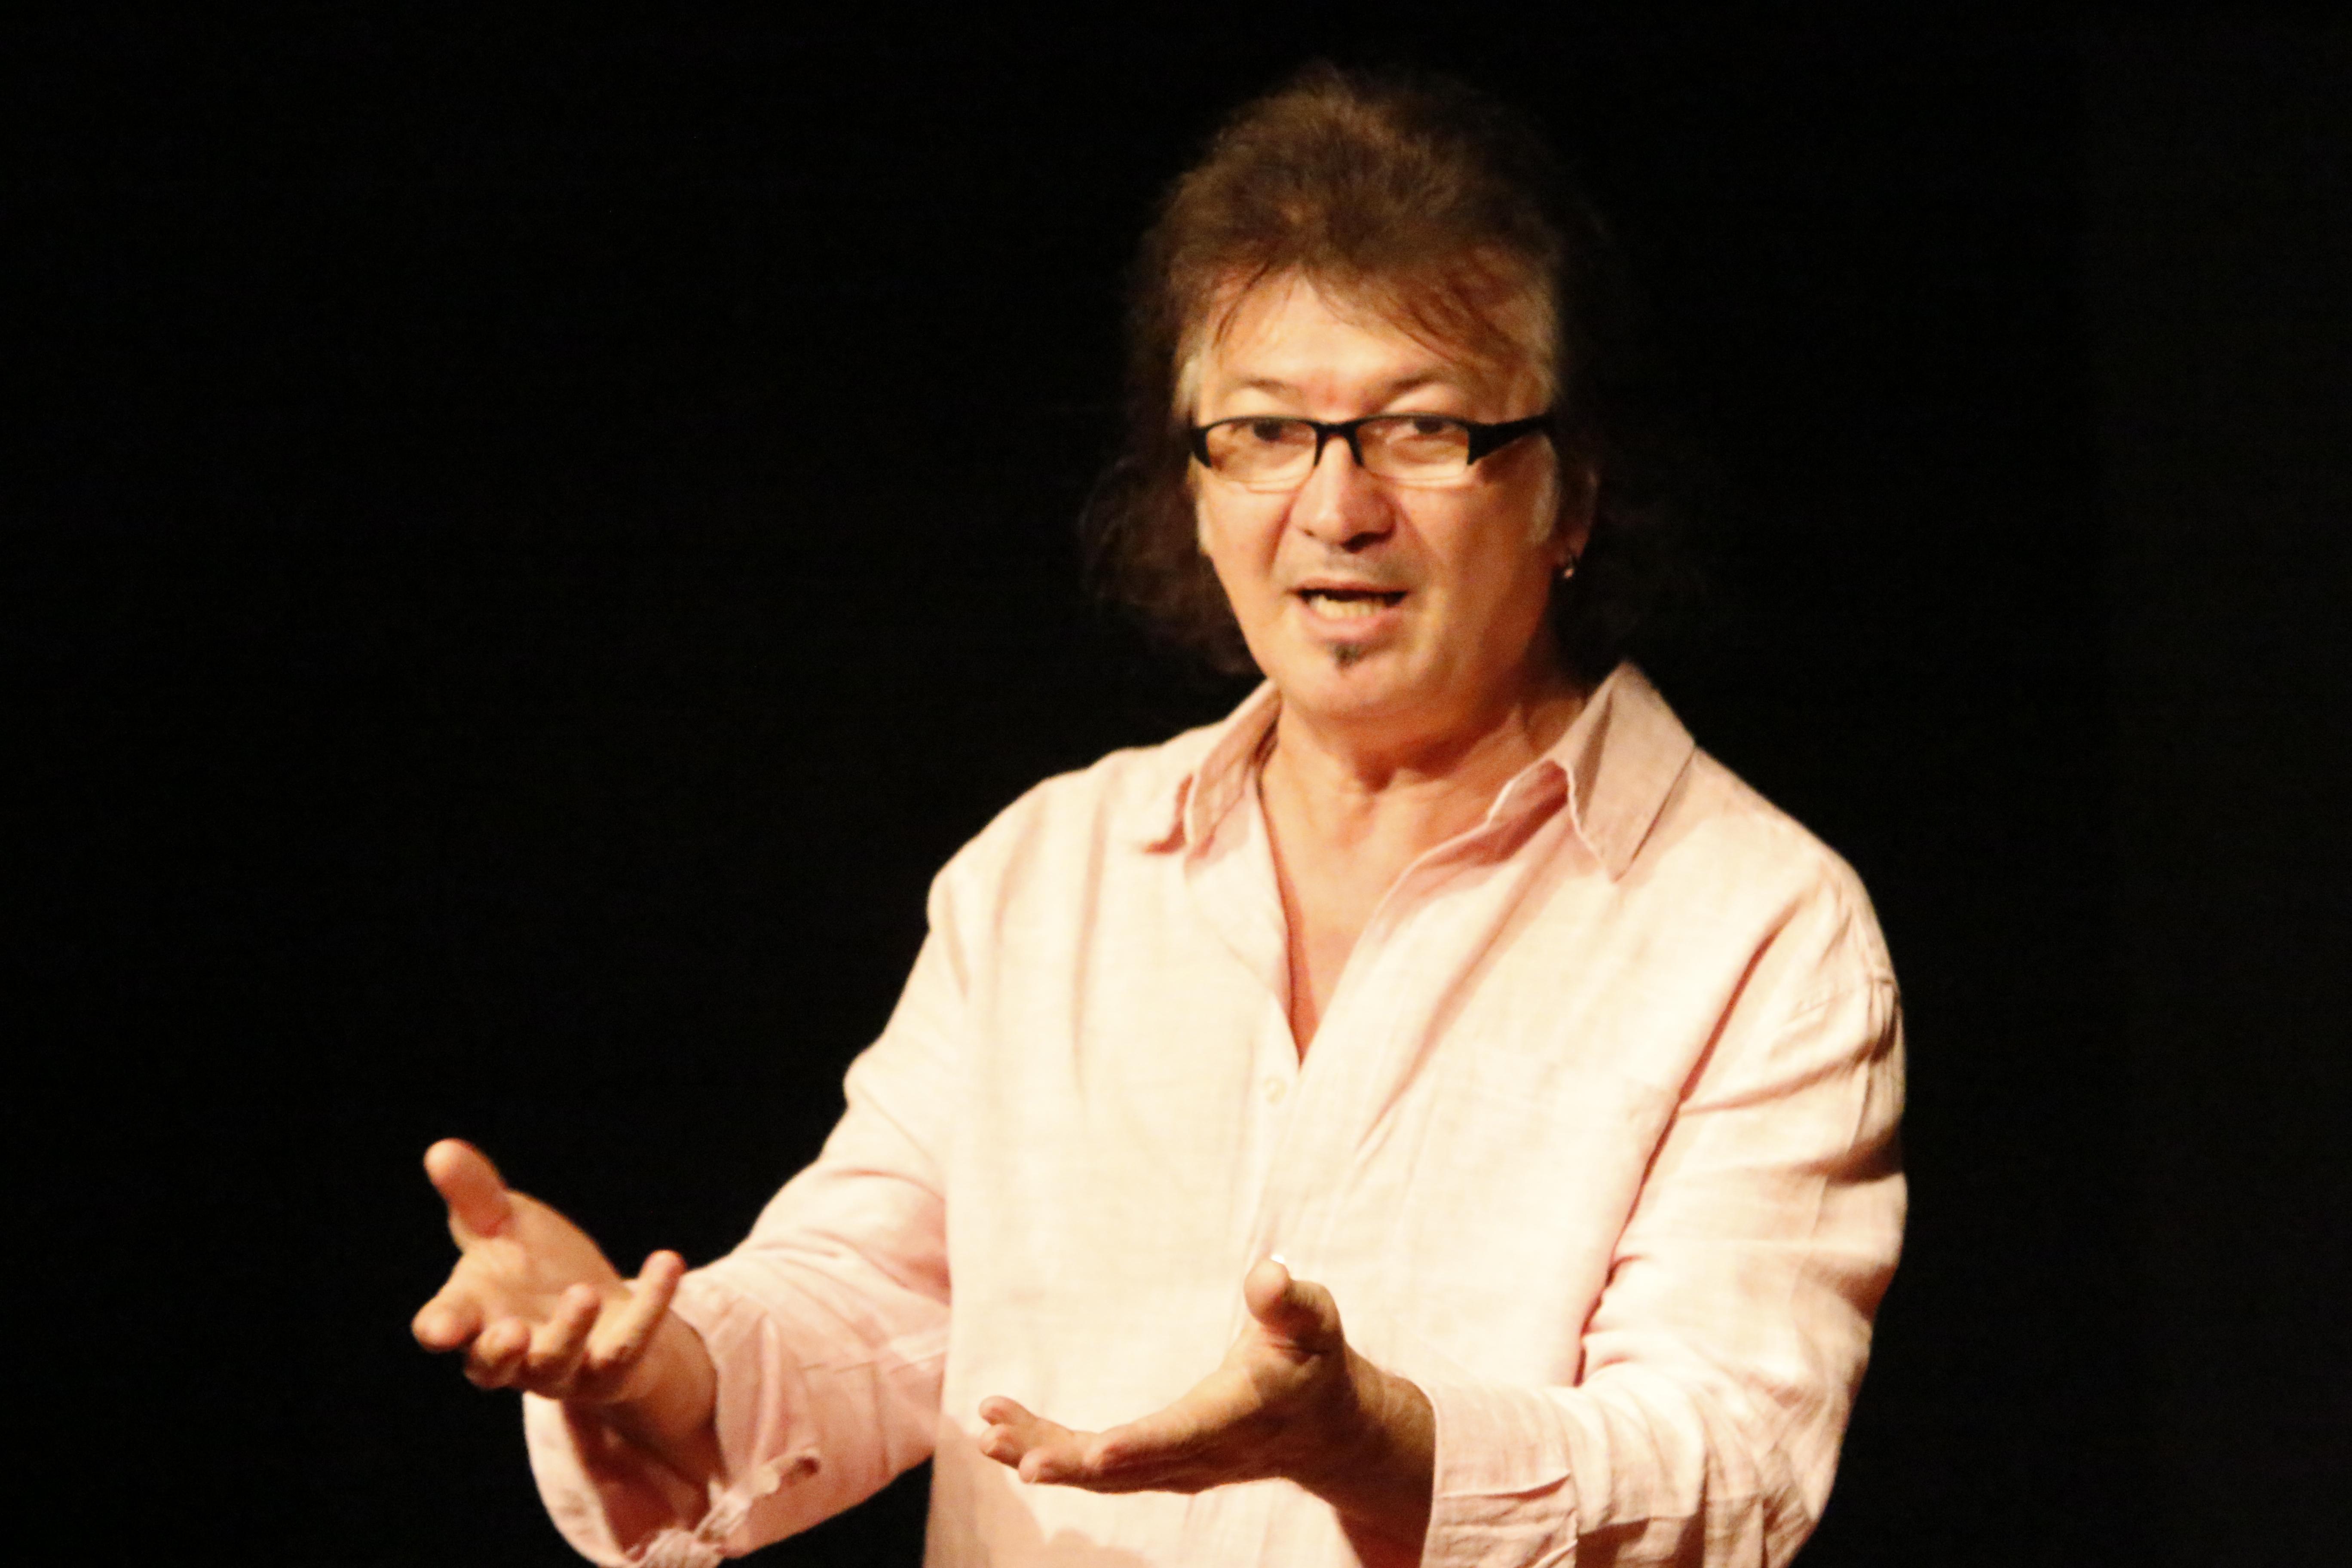 Venício Fonseca - Fundador do Grupo Moitará. Atua como diretor-pesquisador, roteirista, encenador, ator e mascareiro.